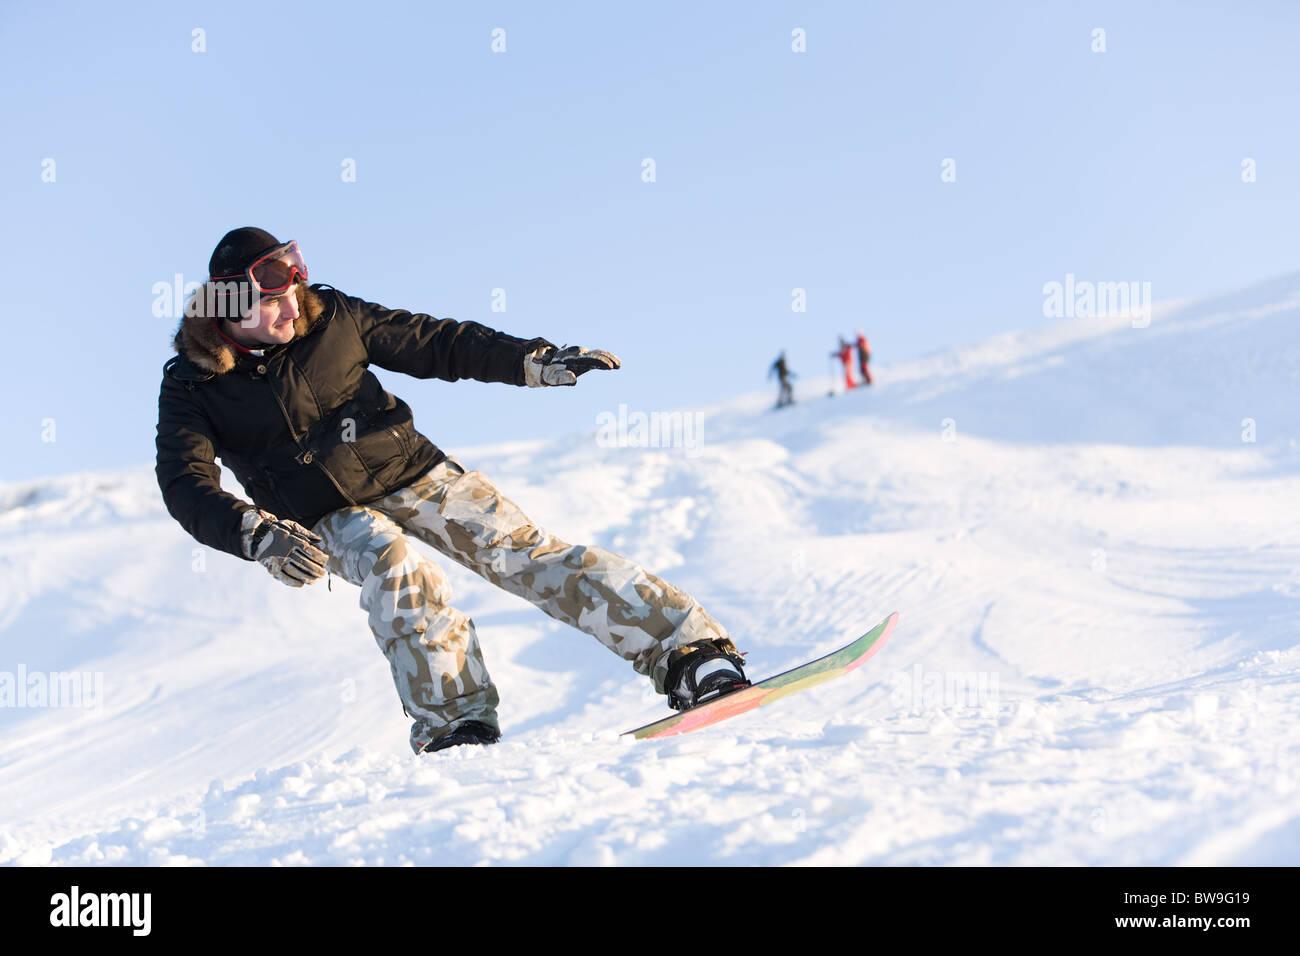 Immagine dell'atleta andare snowboard al tempo libero Immagini Stock